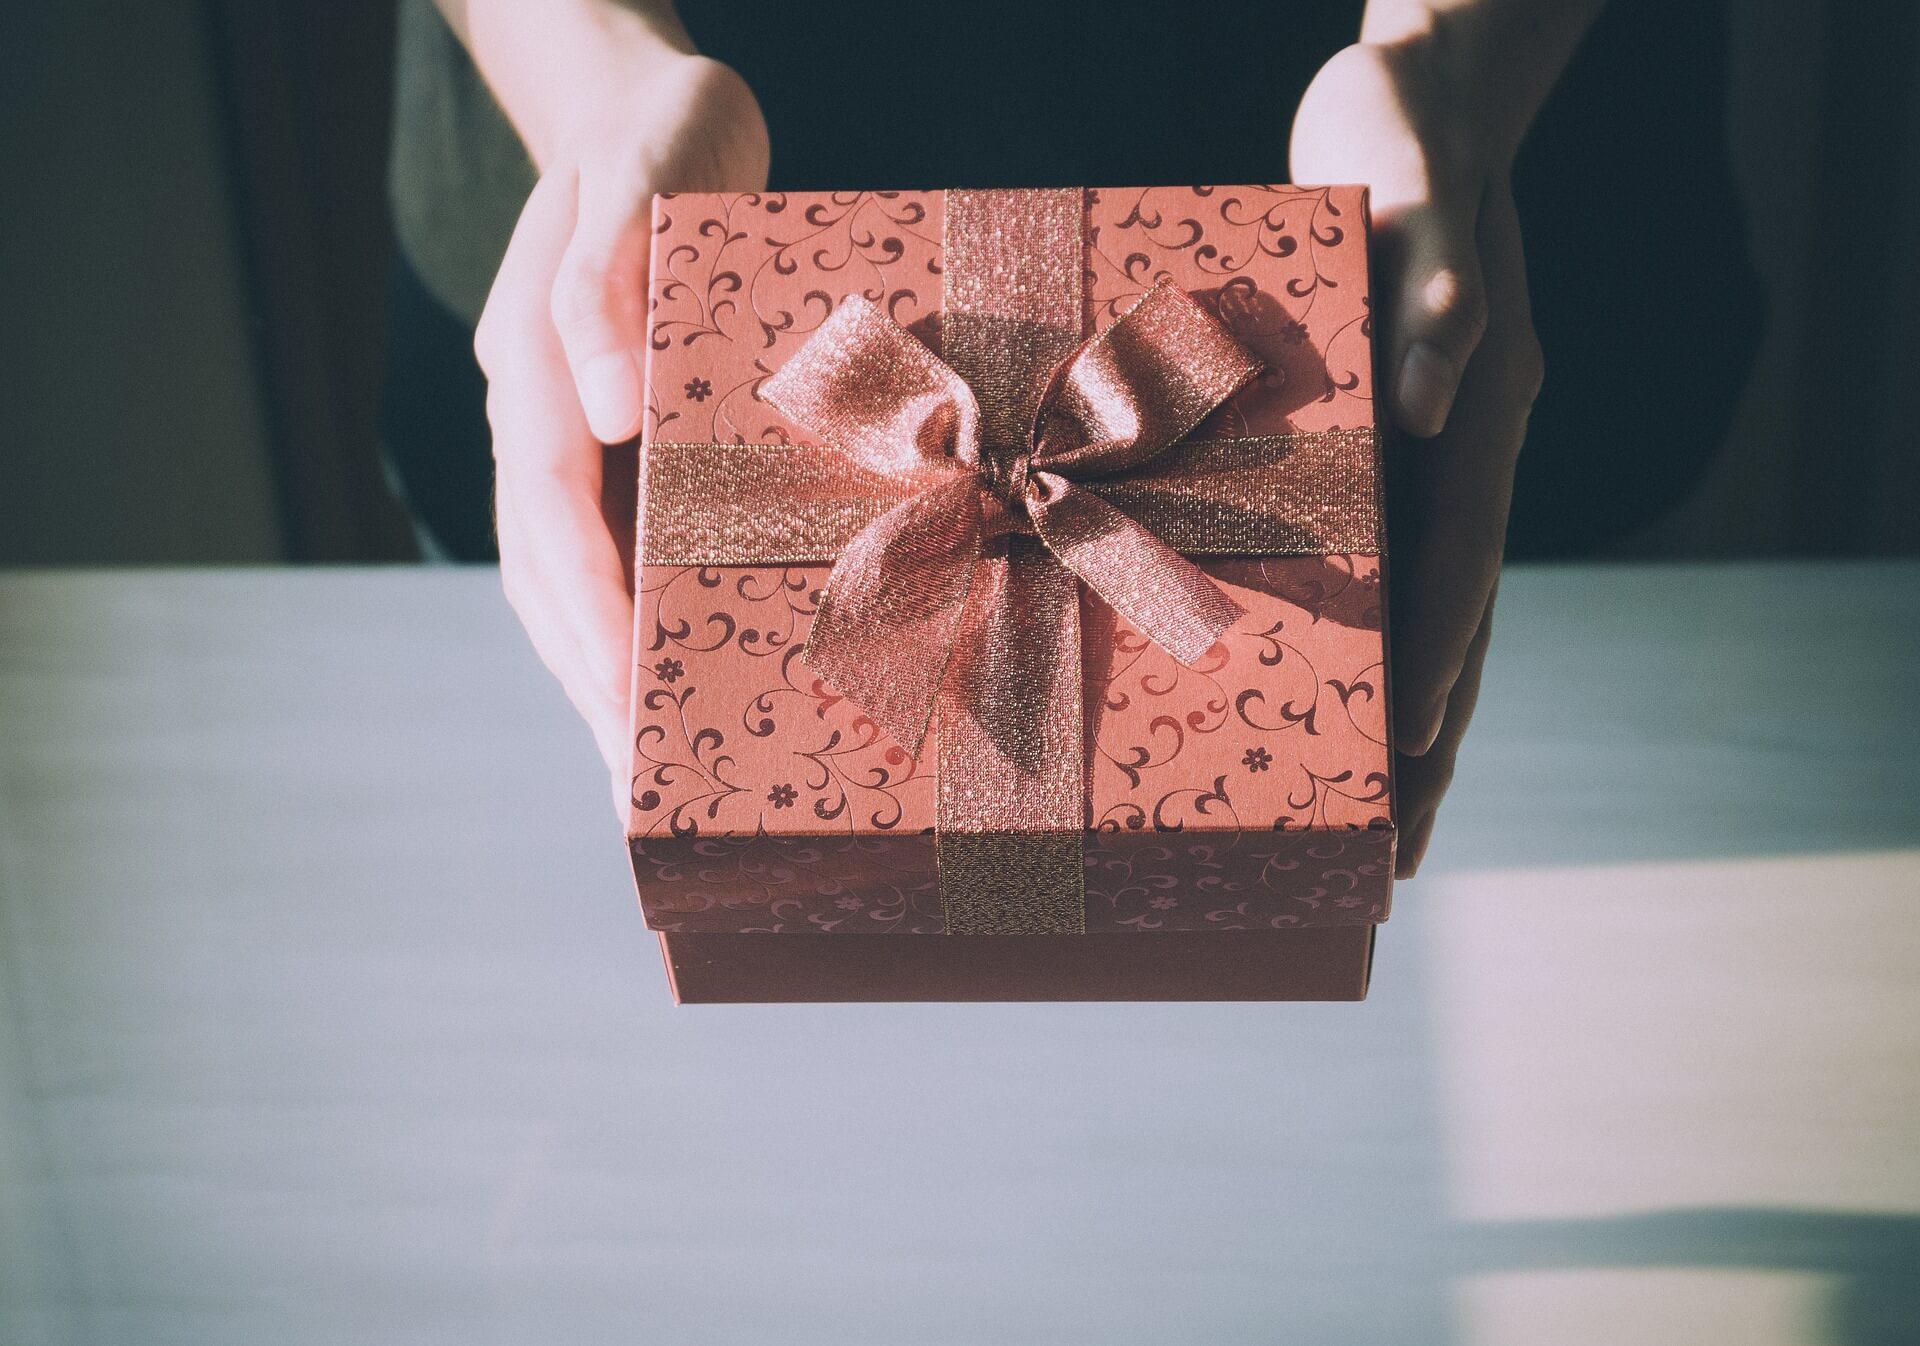 Kratka horor priča: Kako zamotati poklone?